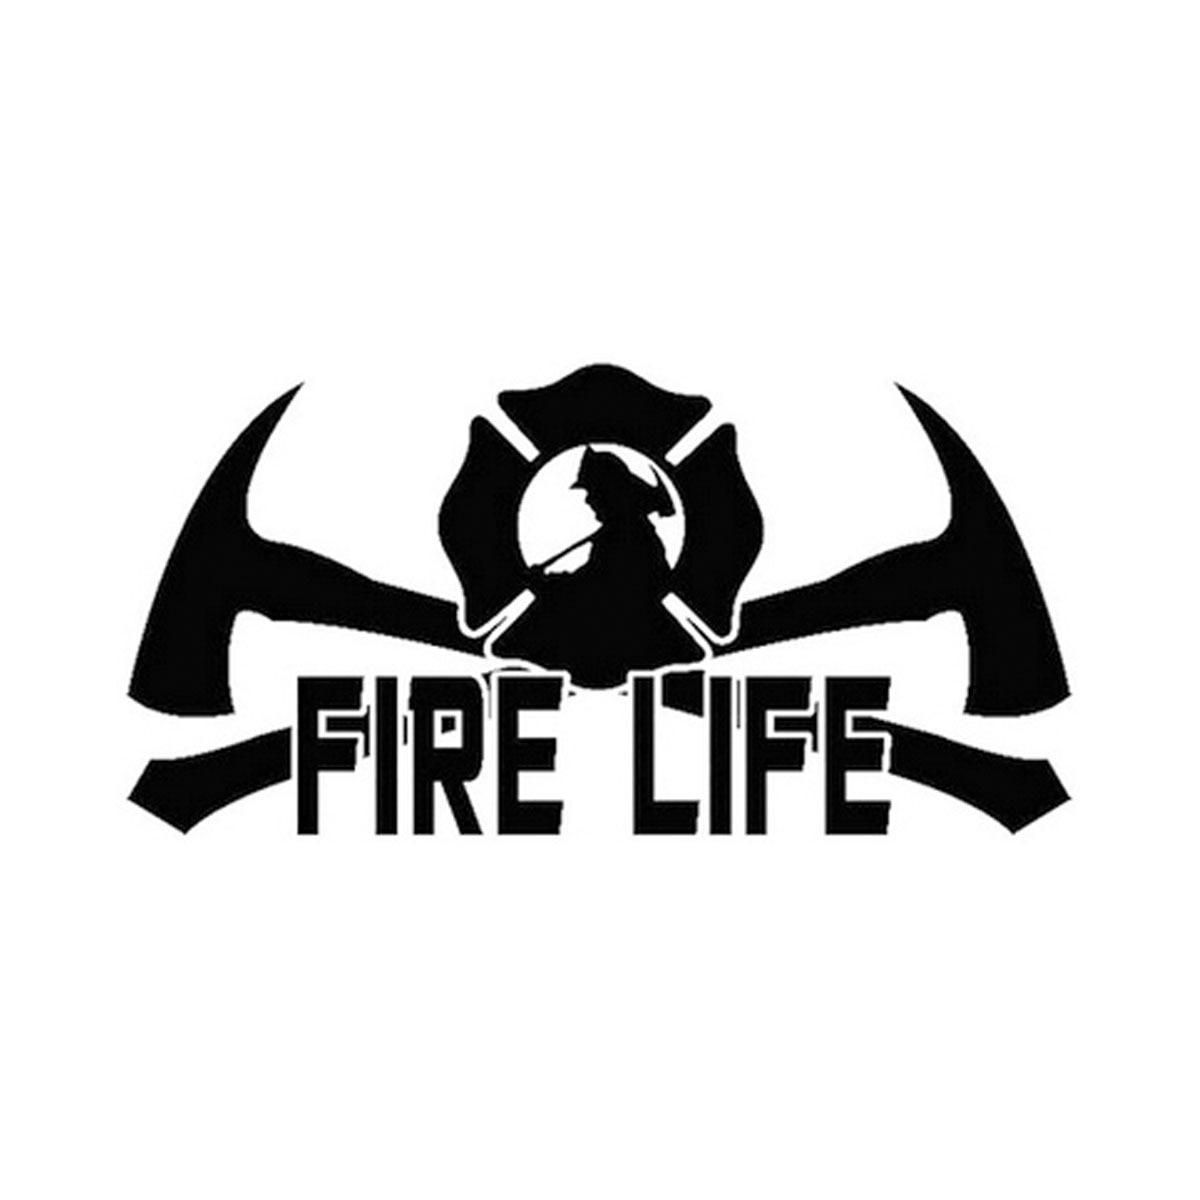 Car sticker design fire - Fire Life Fireman Firefighter Home Window Glass Car Sticker Laptop Auto Truck Wall Door Black Vinyl